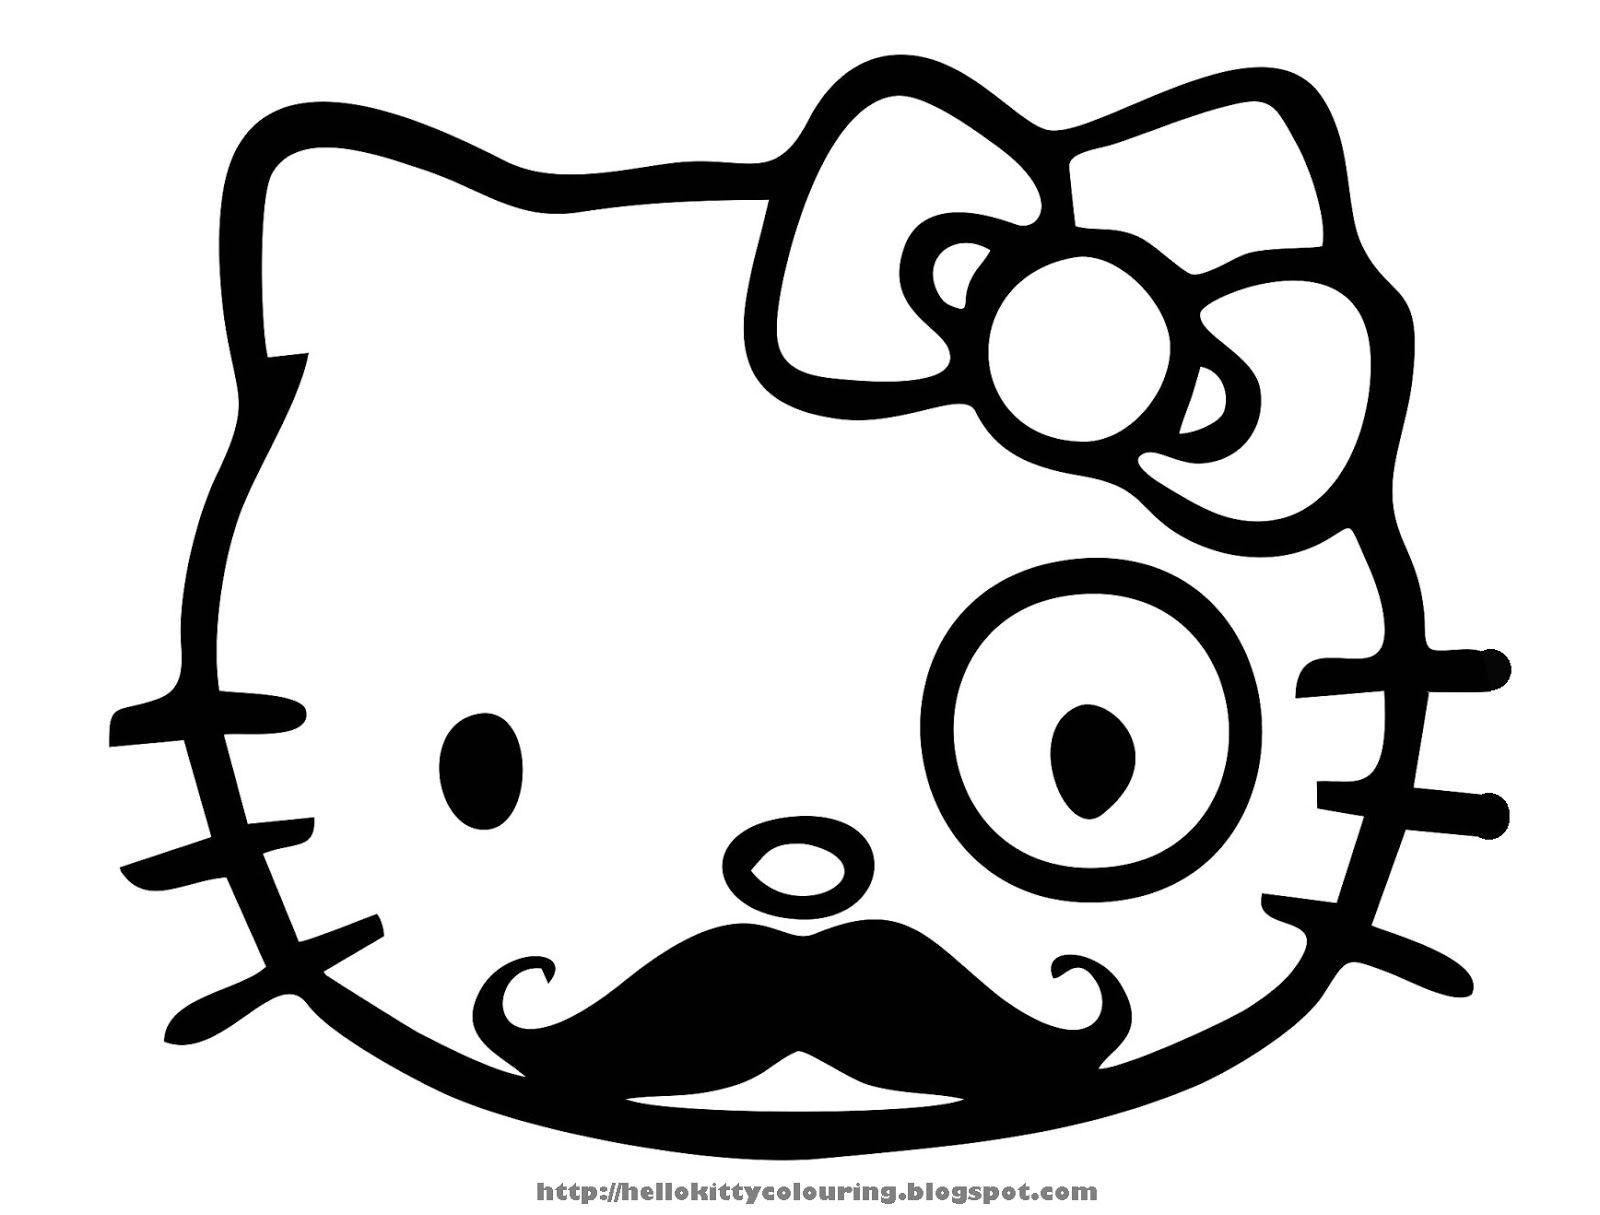 Unique Image De Hello Kitty A Colorier